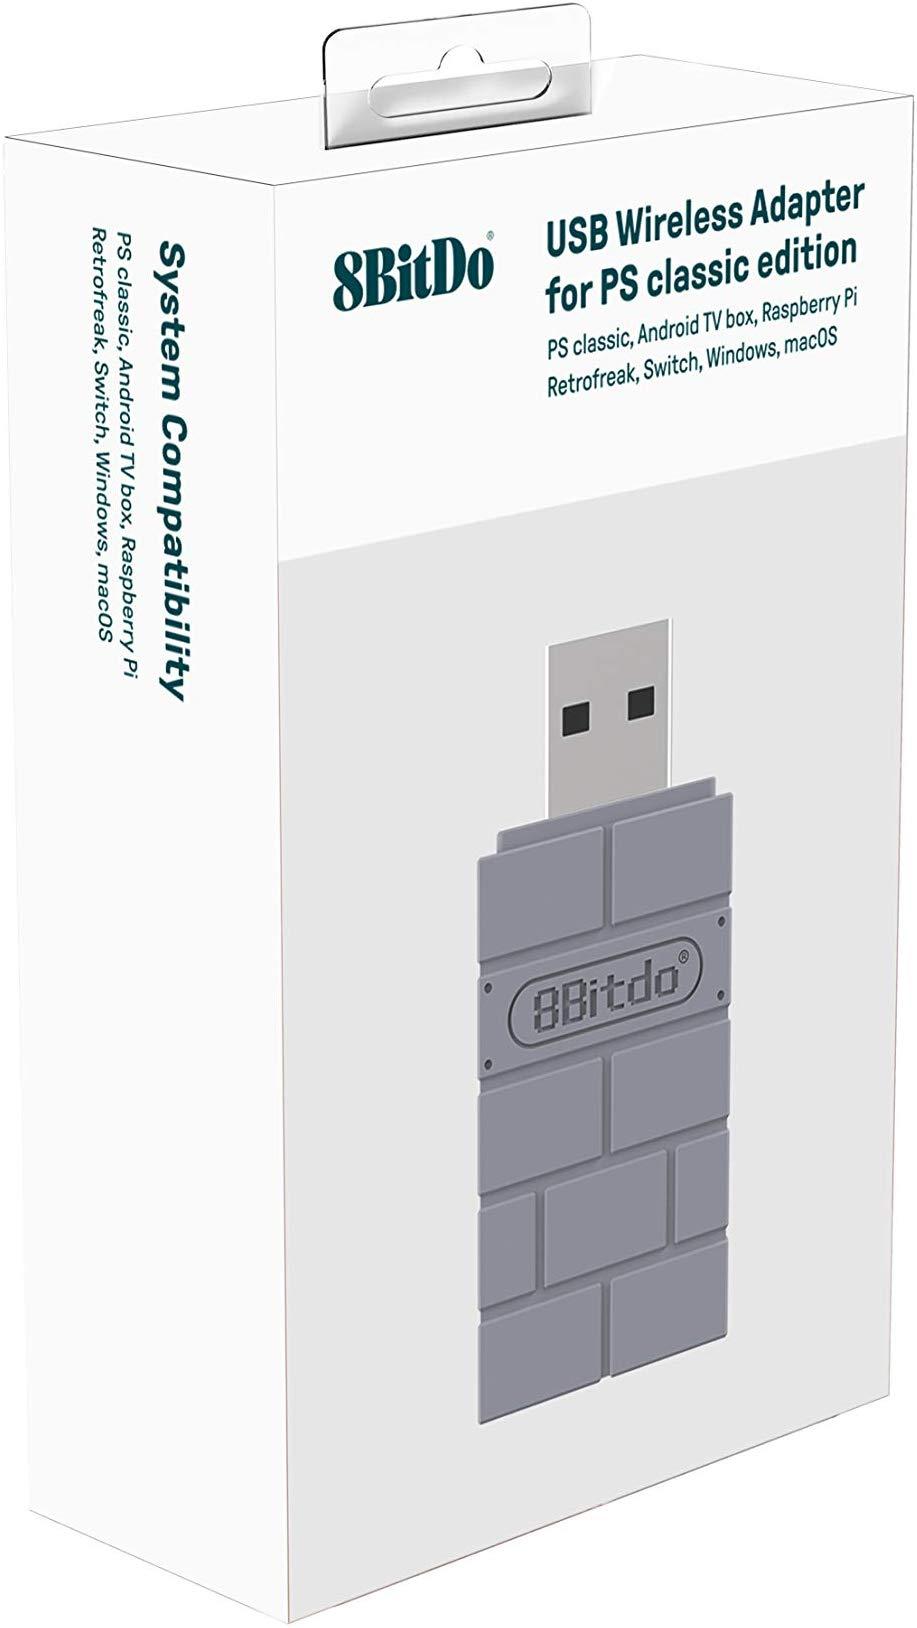 8Bitdo Usb Adapter PS1 Classic sur Belchine.net 8bitdo11